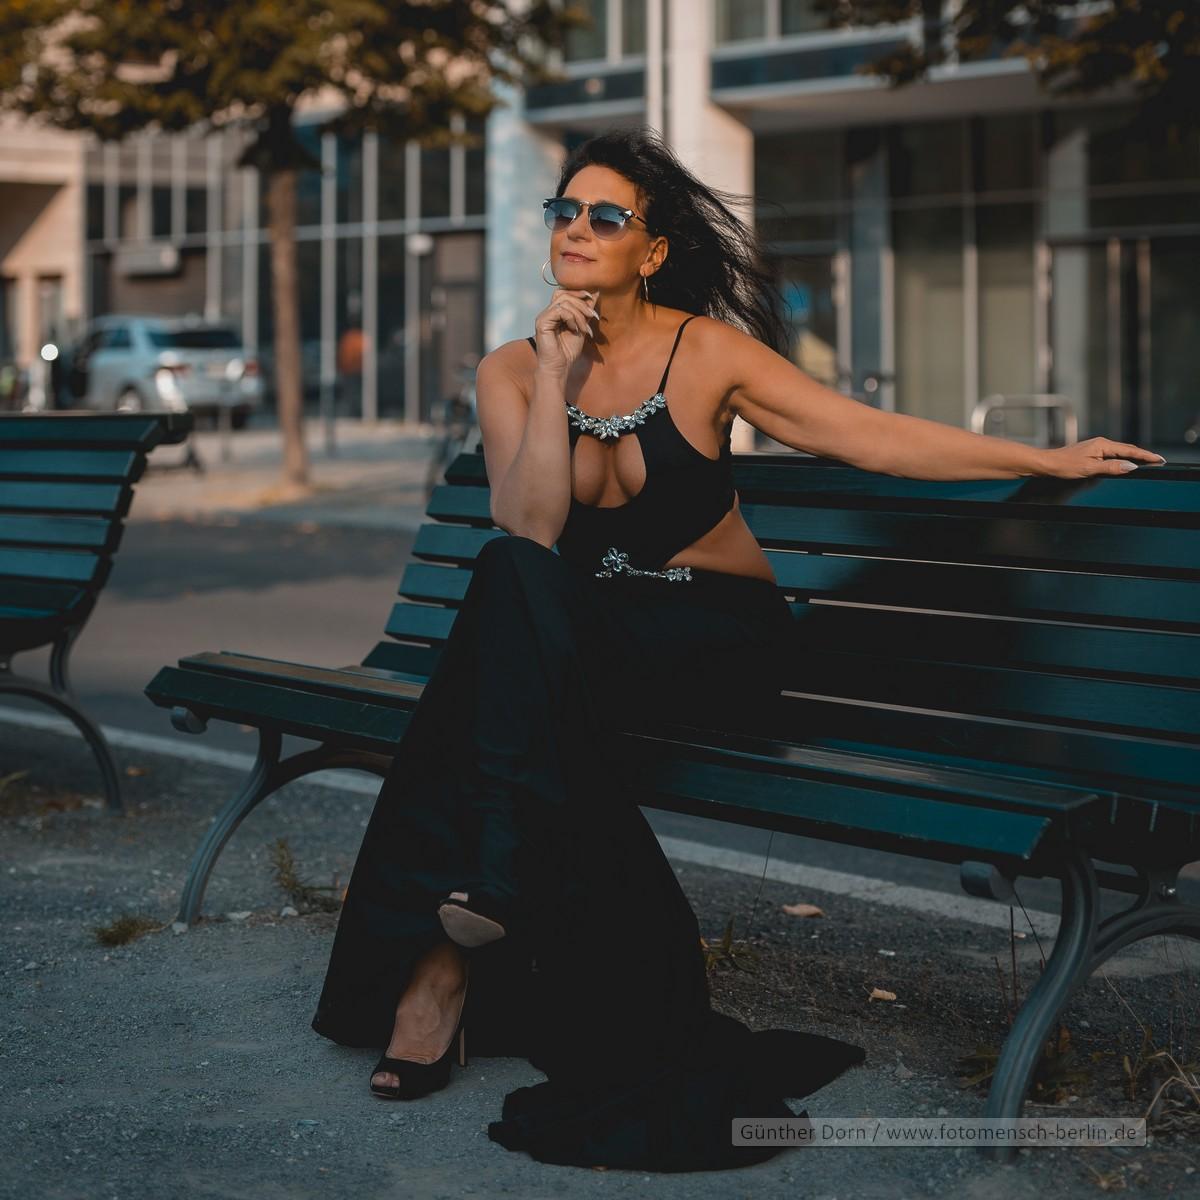 Svea auf der Parkbank